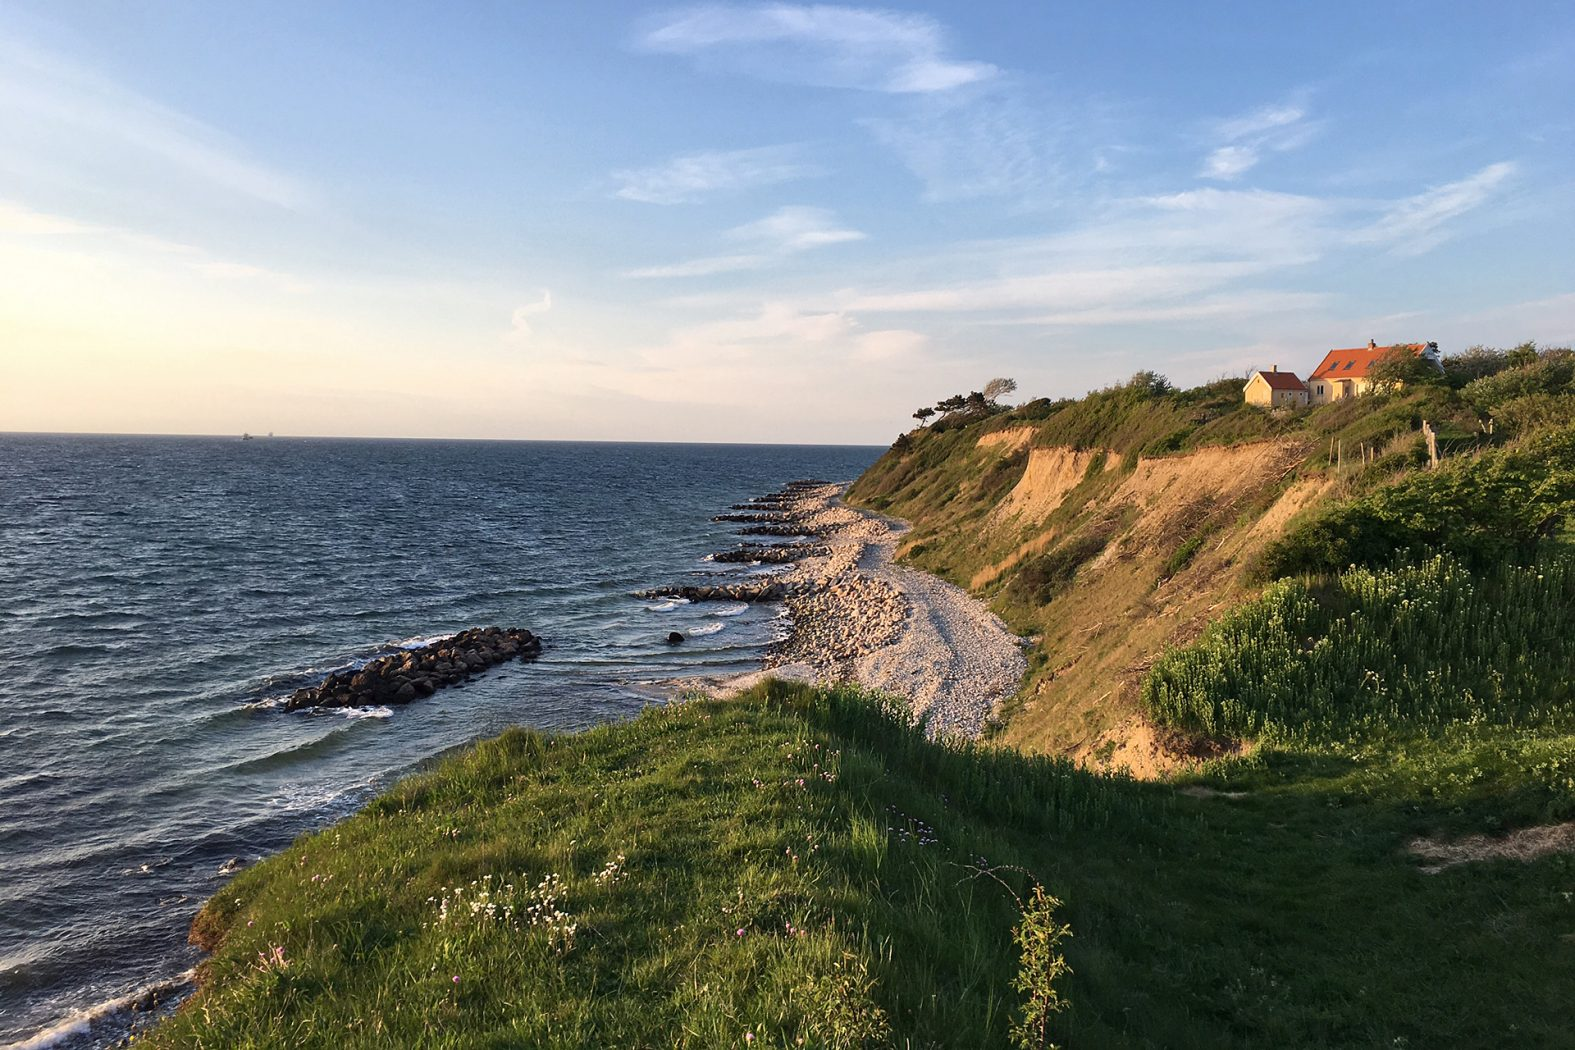 Angelurlaub an der Ostsee